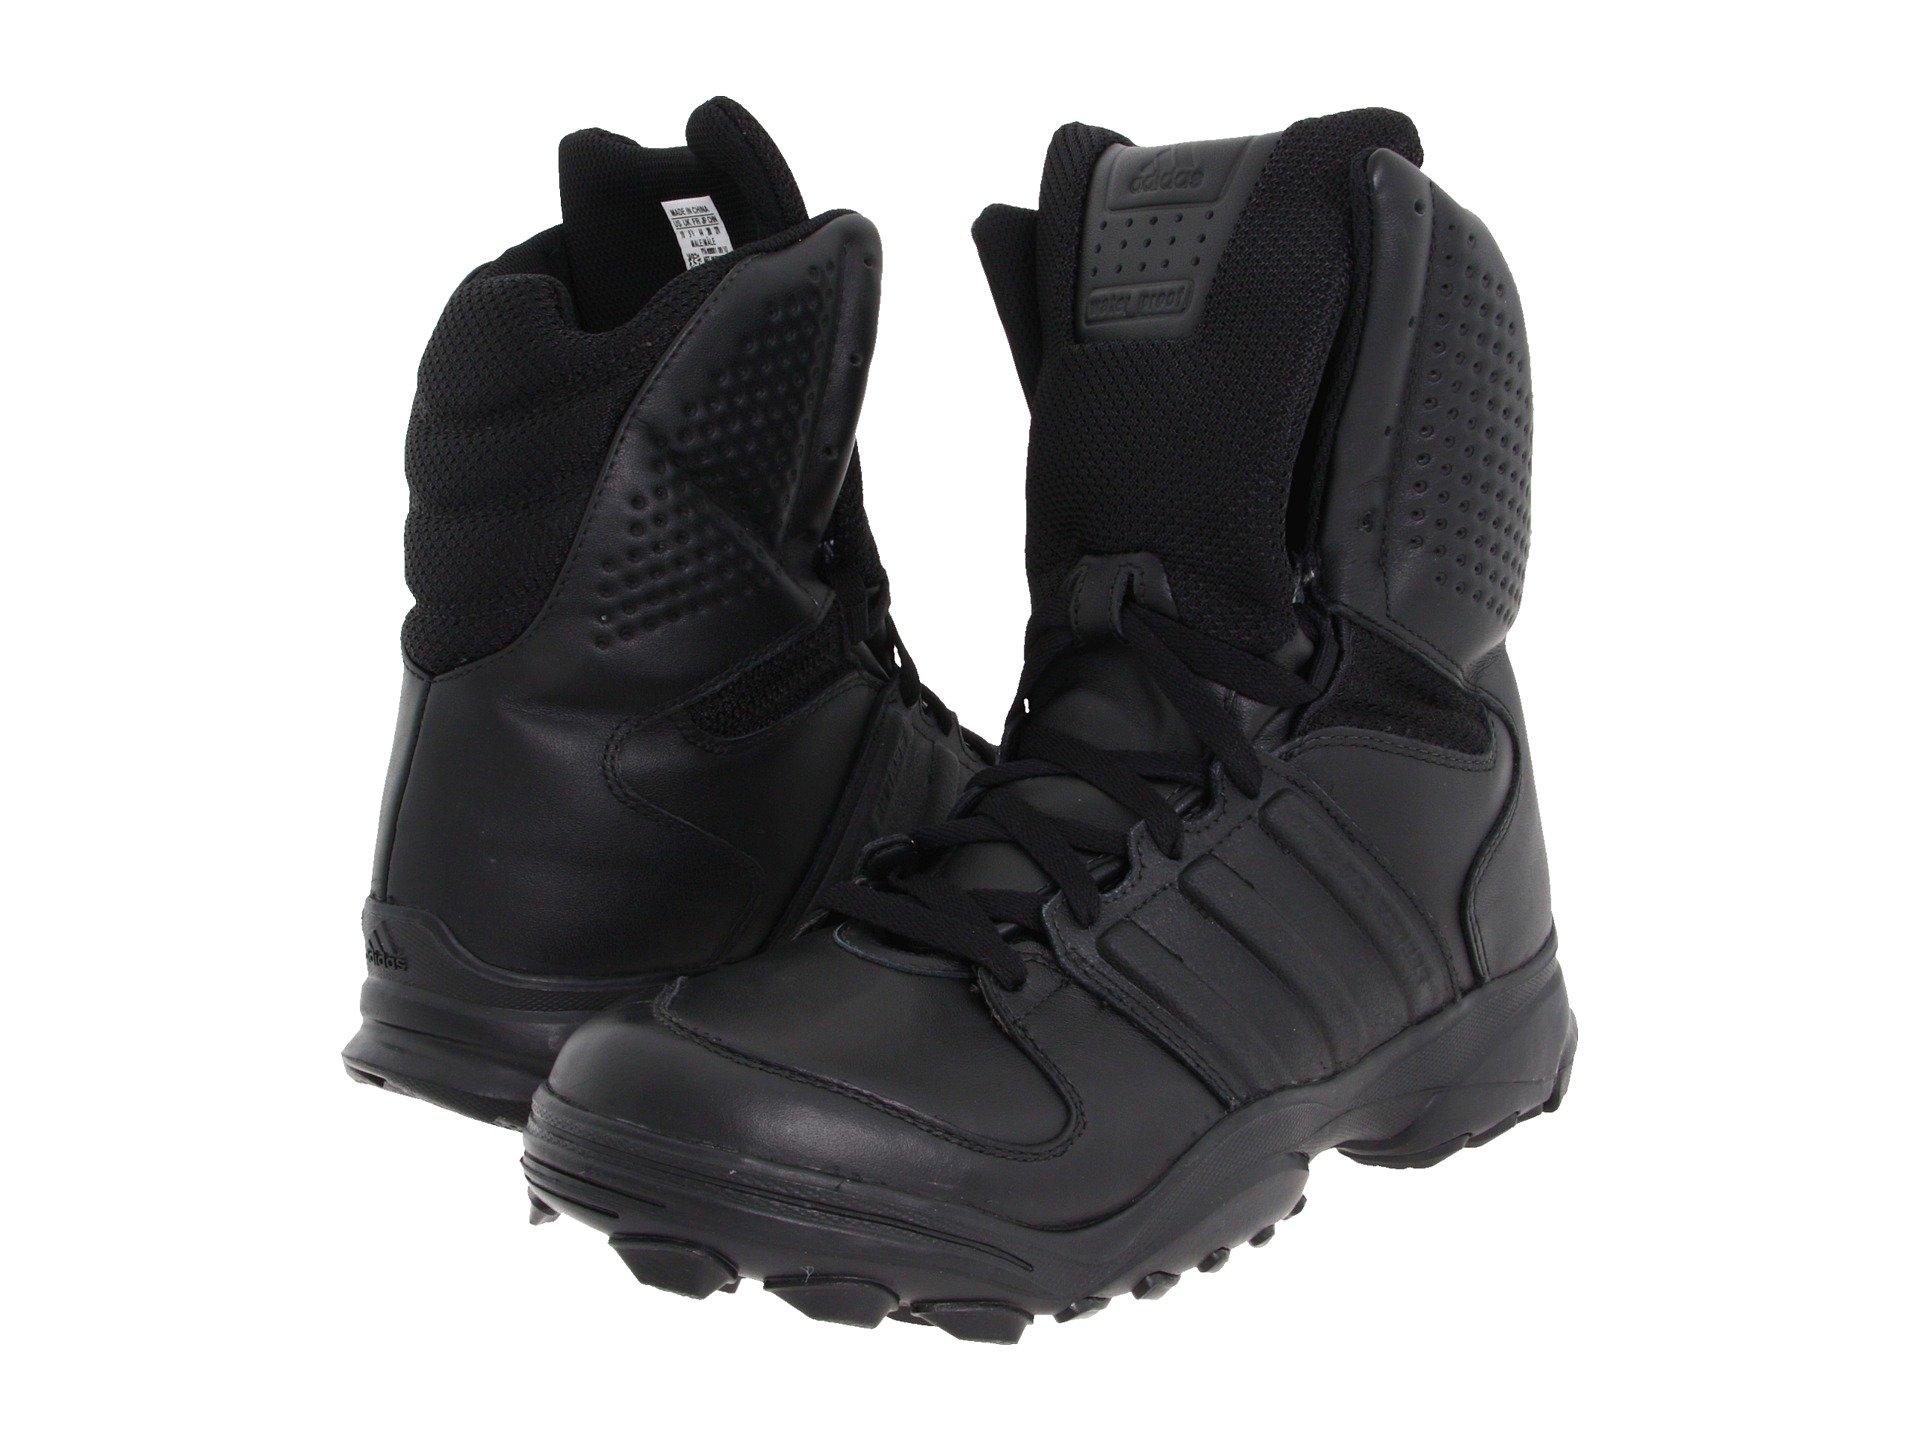 0d2de53c03a29b Tactical Men s adidas Boots + FREE SHIPPING